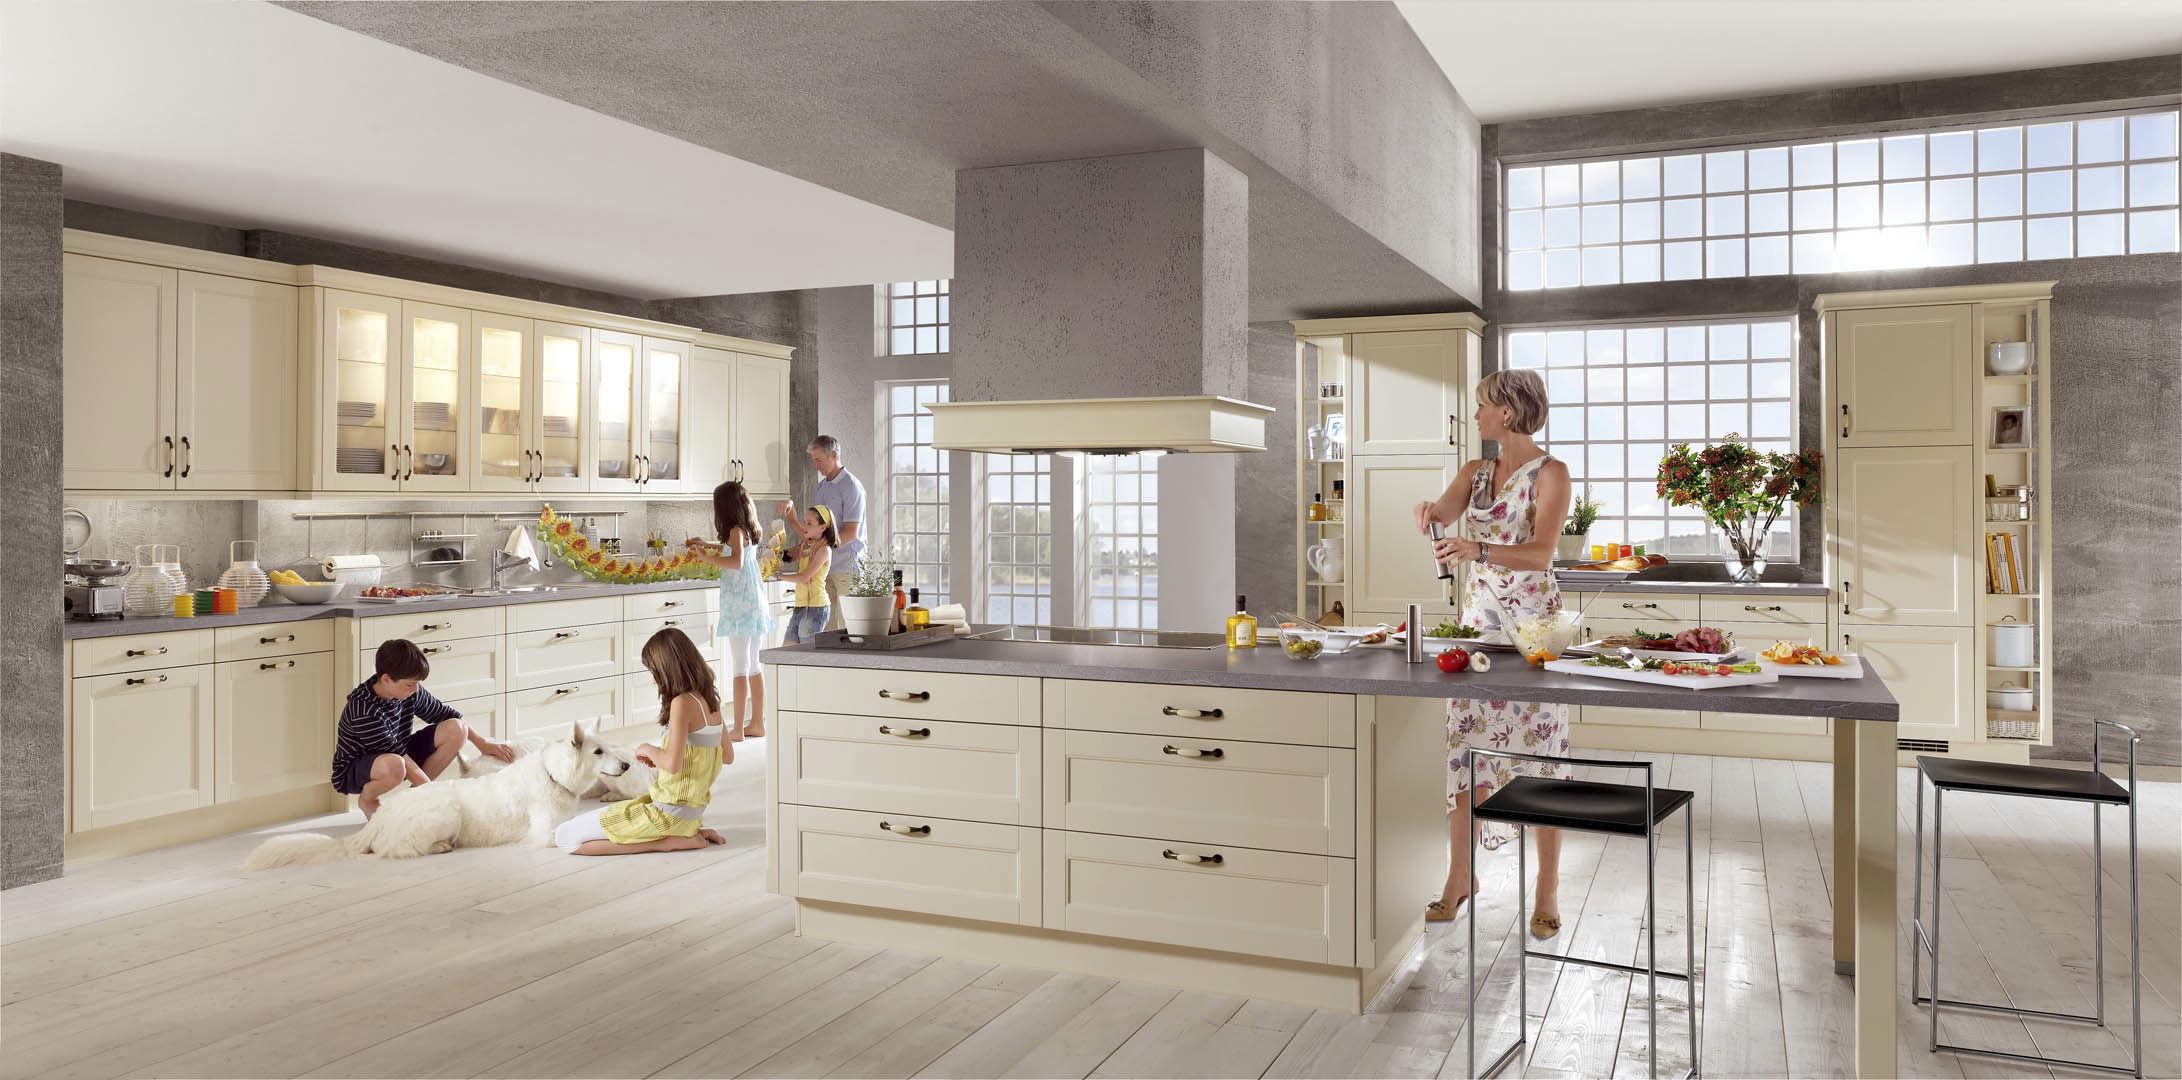 cuisine contemporaine / en bois / avec îlot / laquée - lucca 618